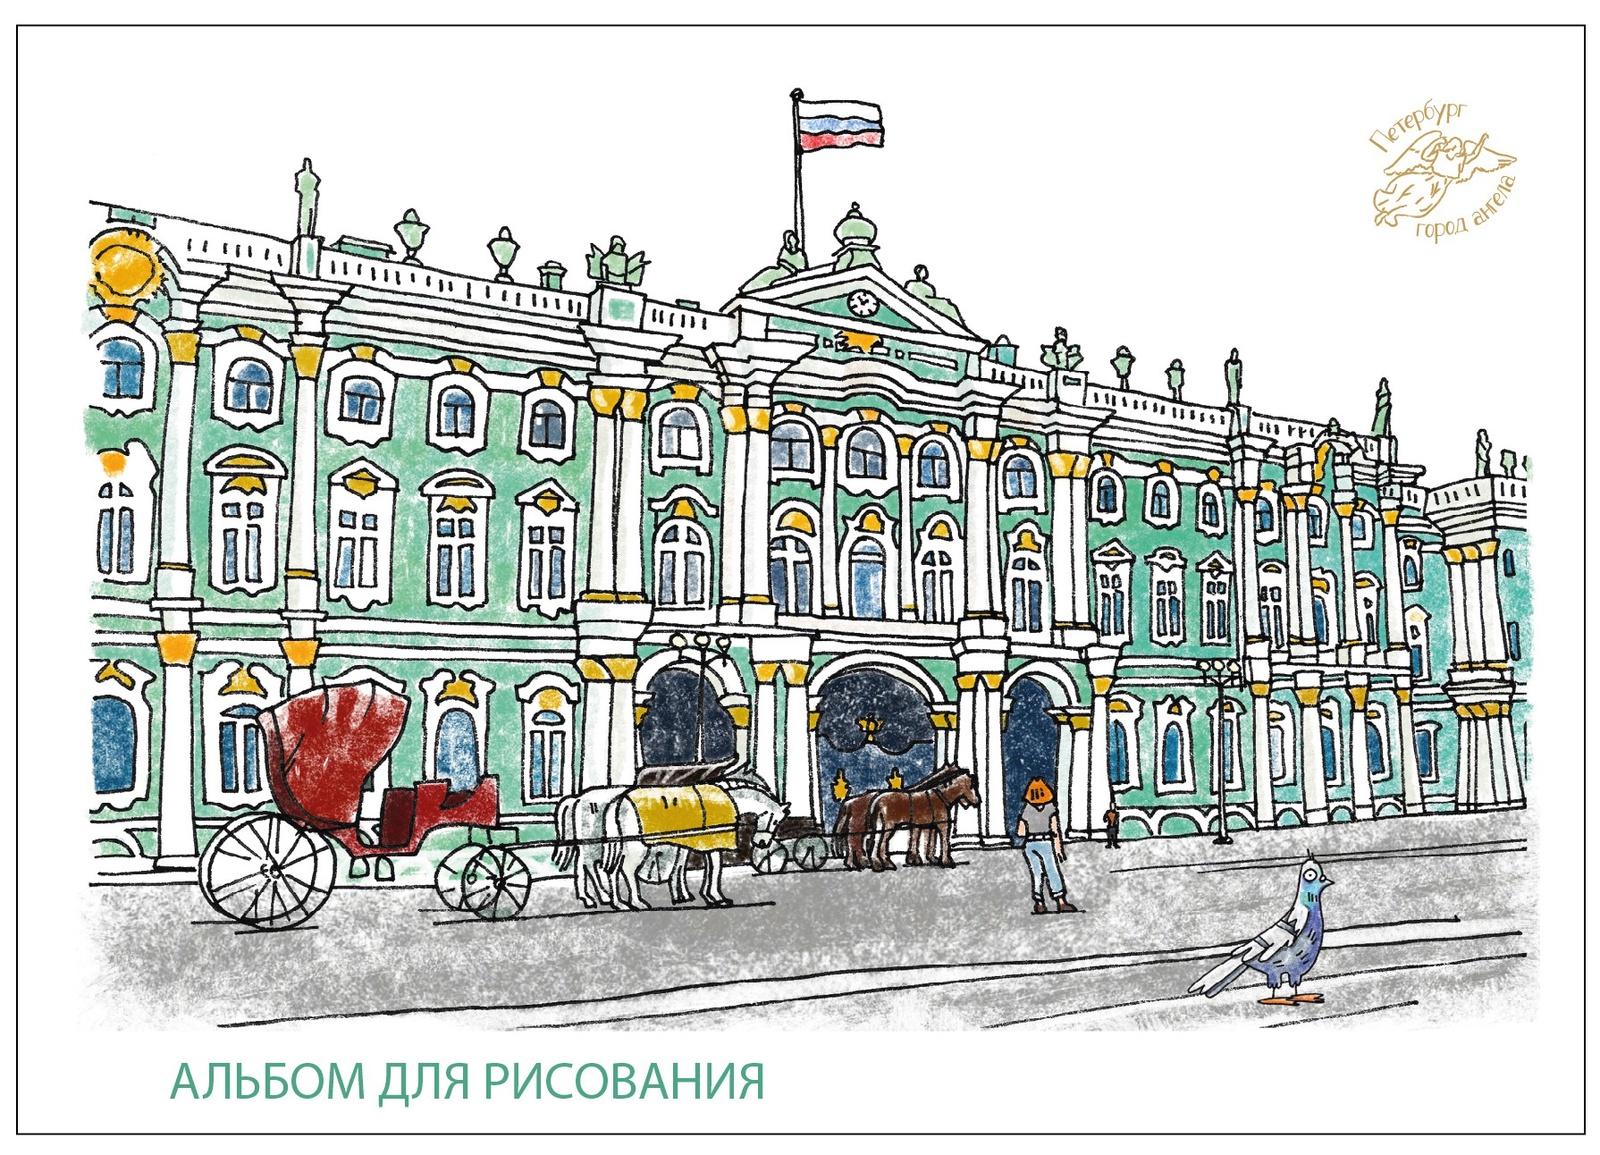 зимний санкт-петербург картинки раскраска профессиональном